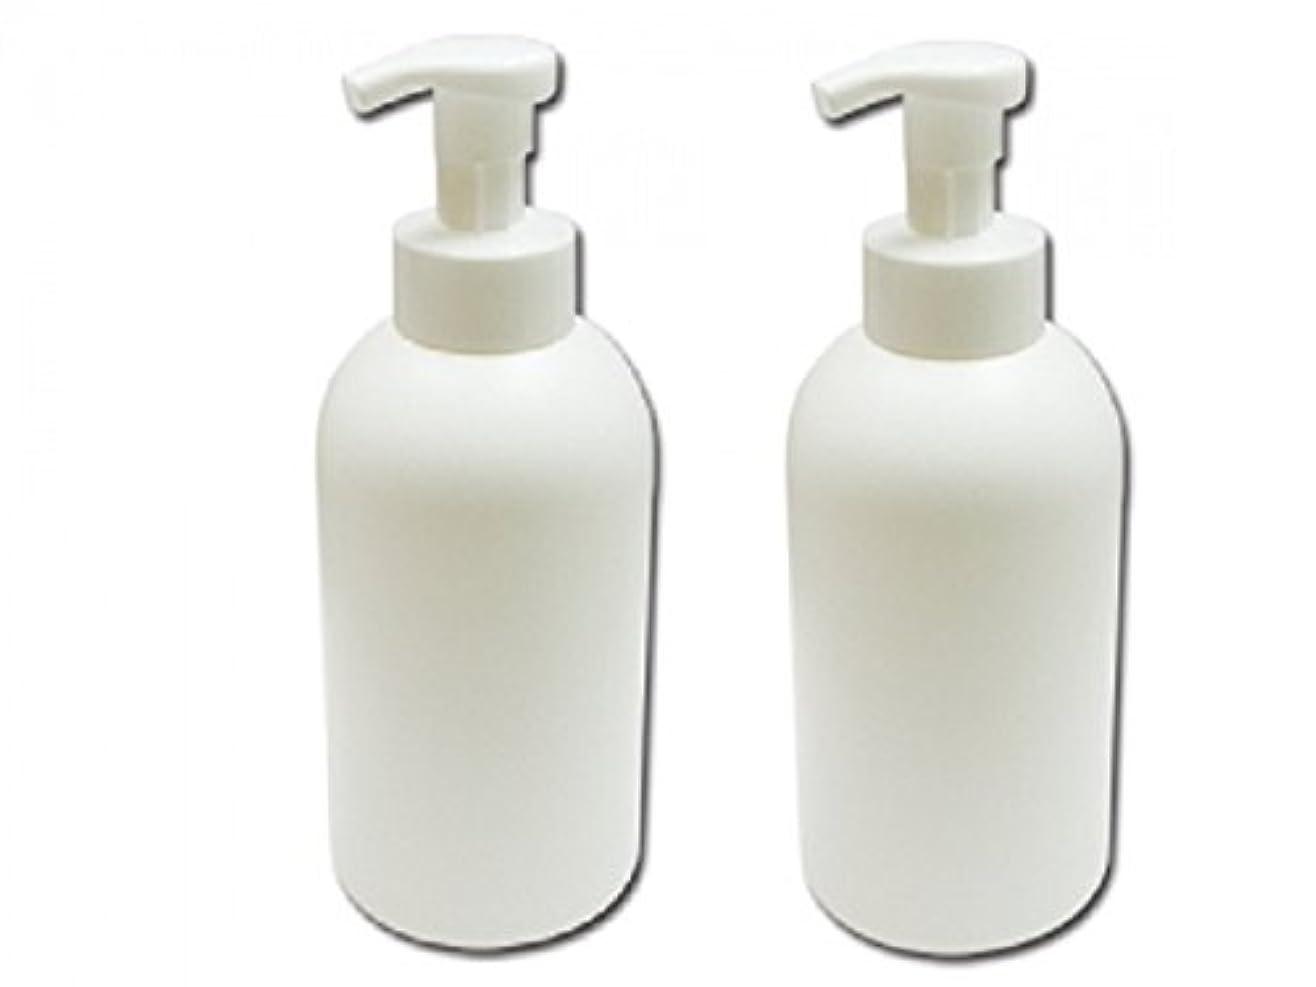 必要条件彼らのものジャニス泡立てポンプボトル800ml 泡で出てくる詰め替え容器泡立ちソープディスペンサー 液体石鹸、シャンプーボディーソープの詰め替えに 泡フォームポンプ容器 液体せっけん等の小分けに[2個セット]